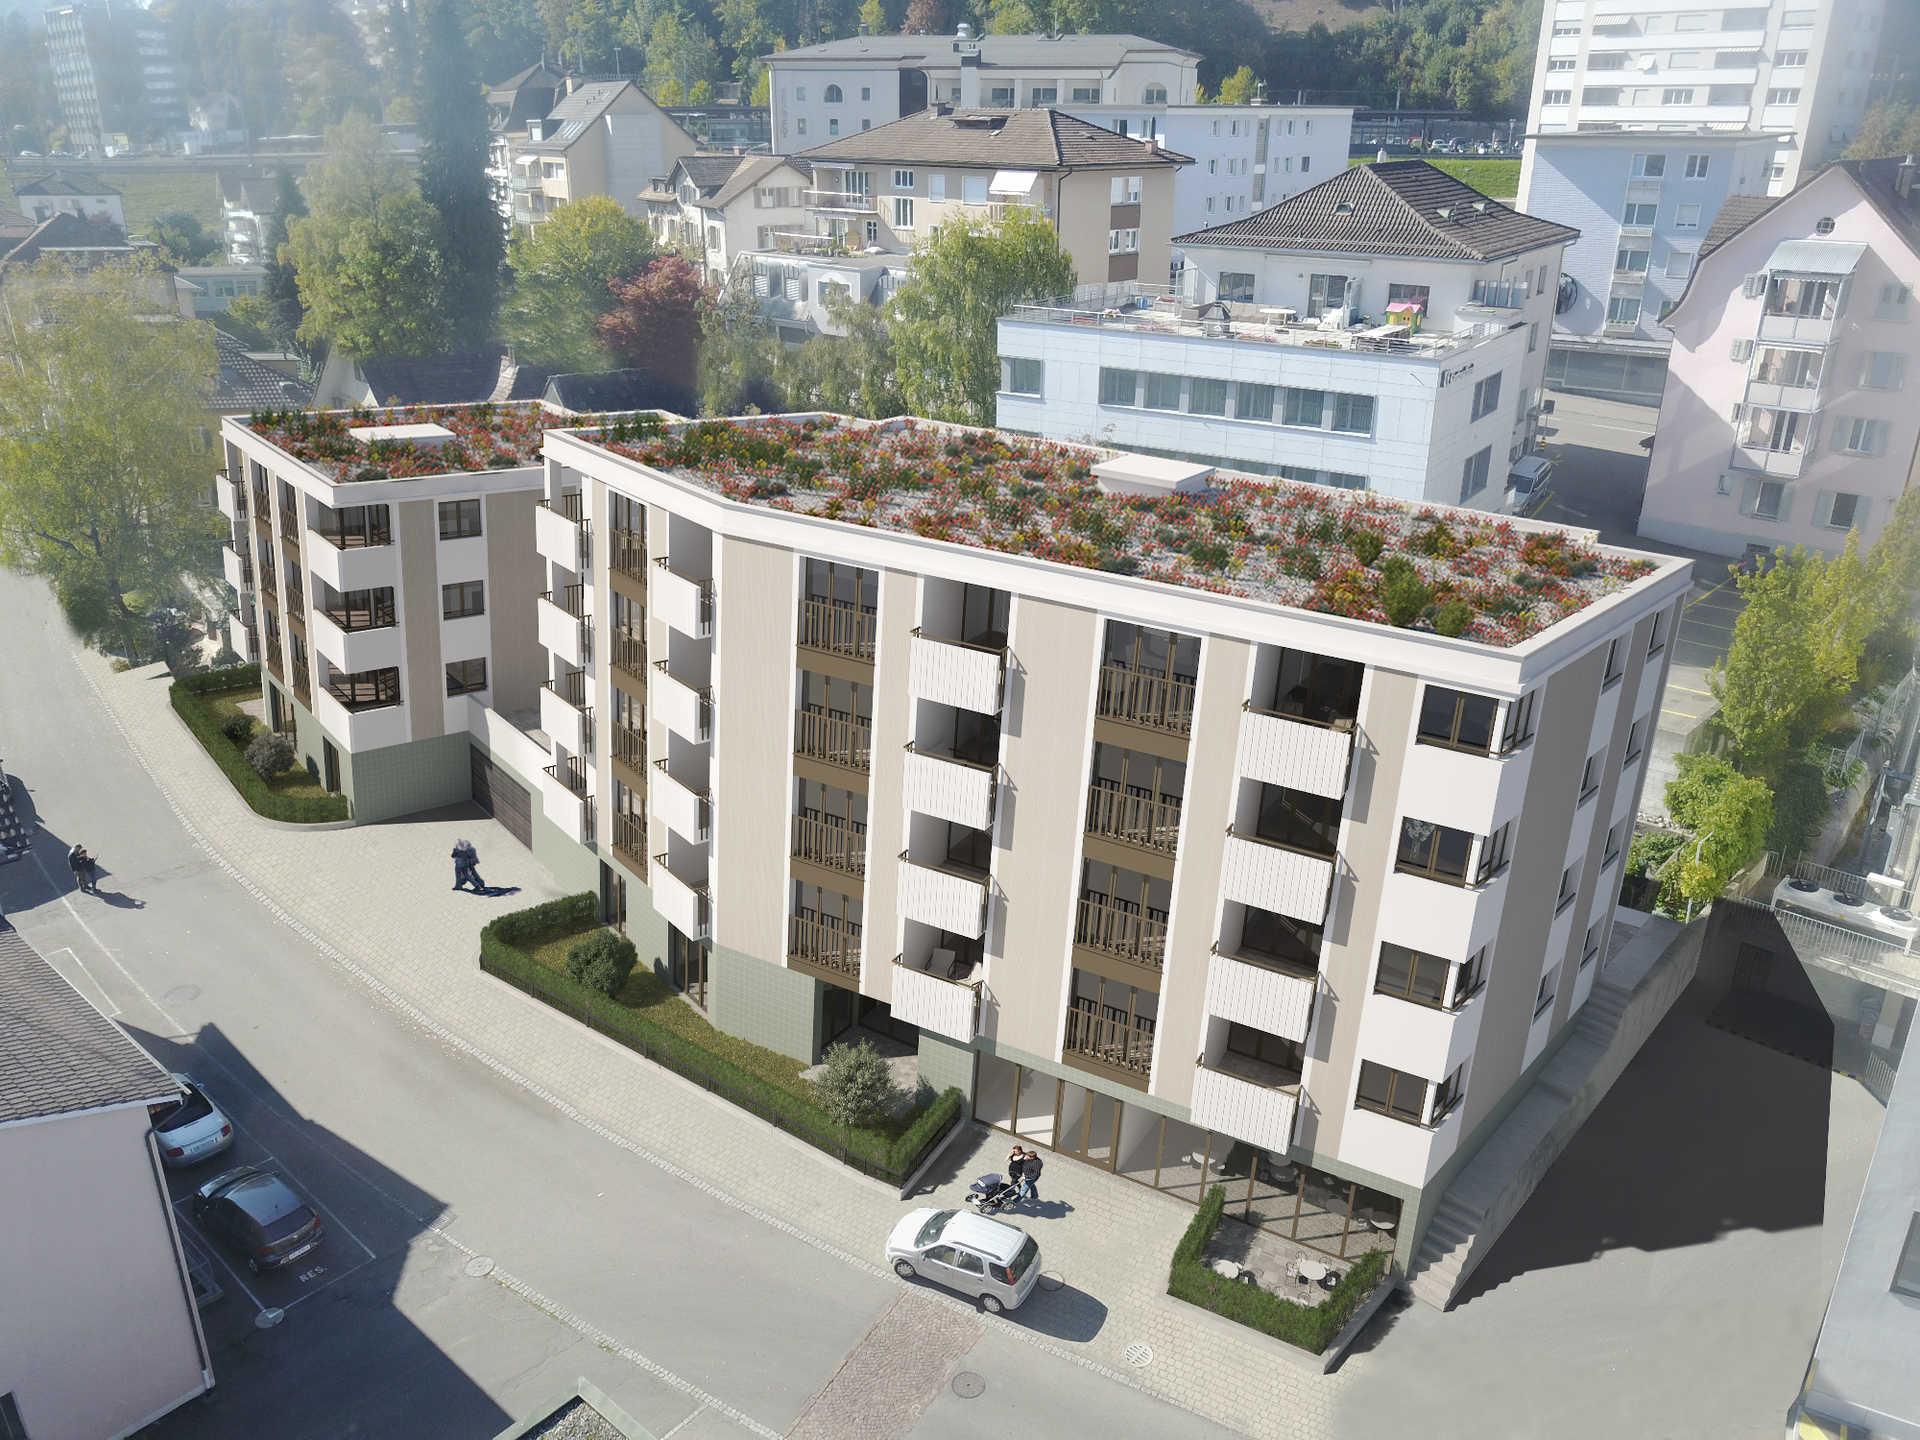 Neubau Konsumstrasse Uzwil SG | 35 Wohnungen | Belano